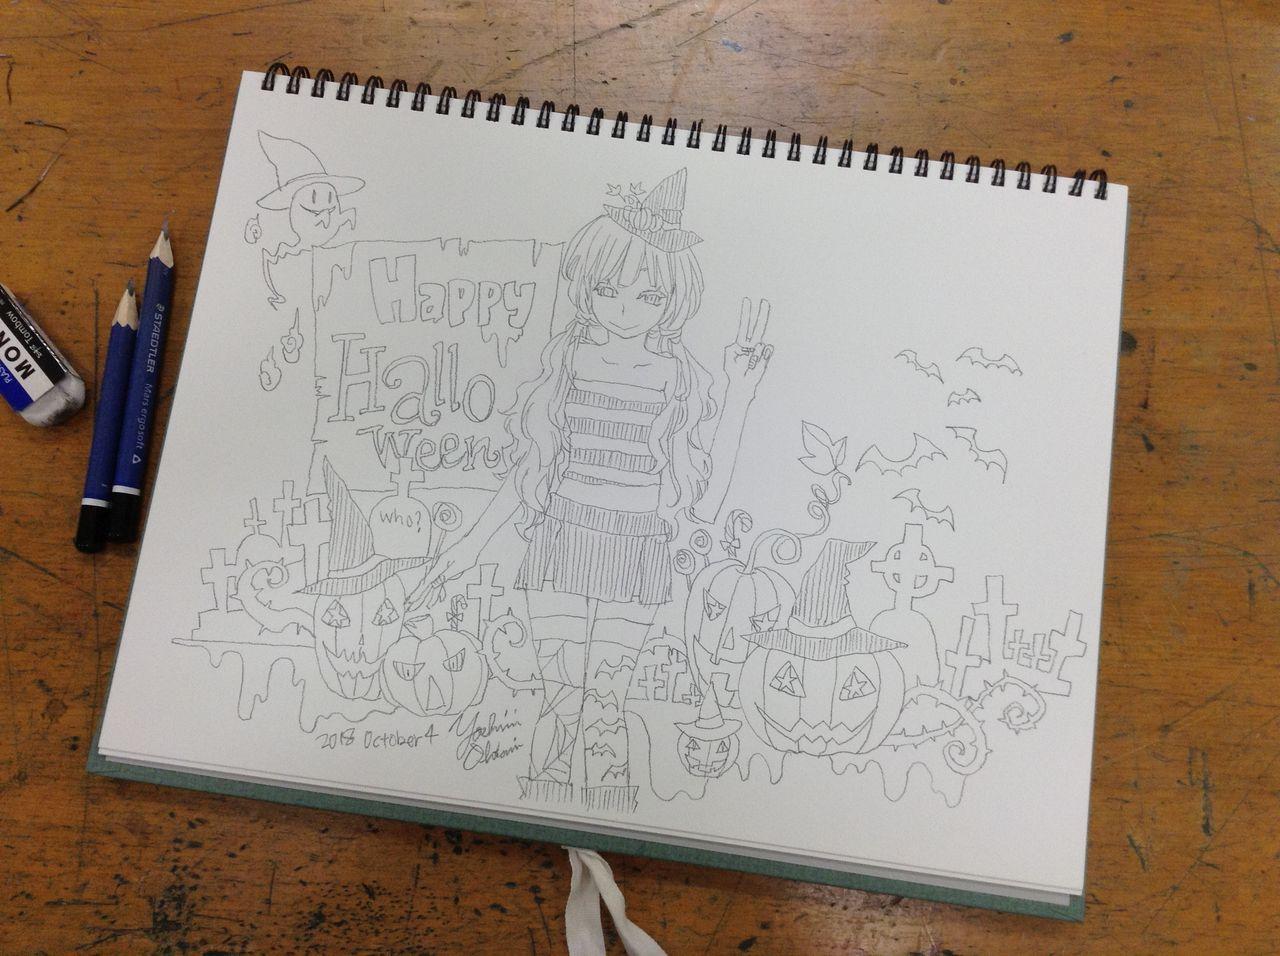 : 日本工学院専門学校校友会